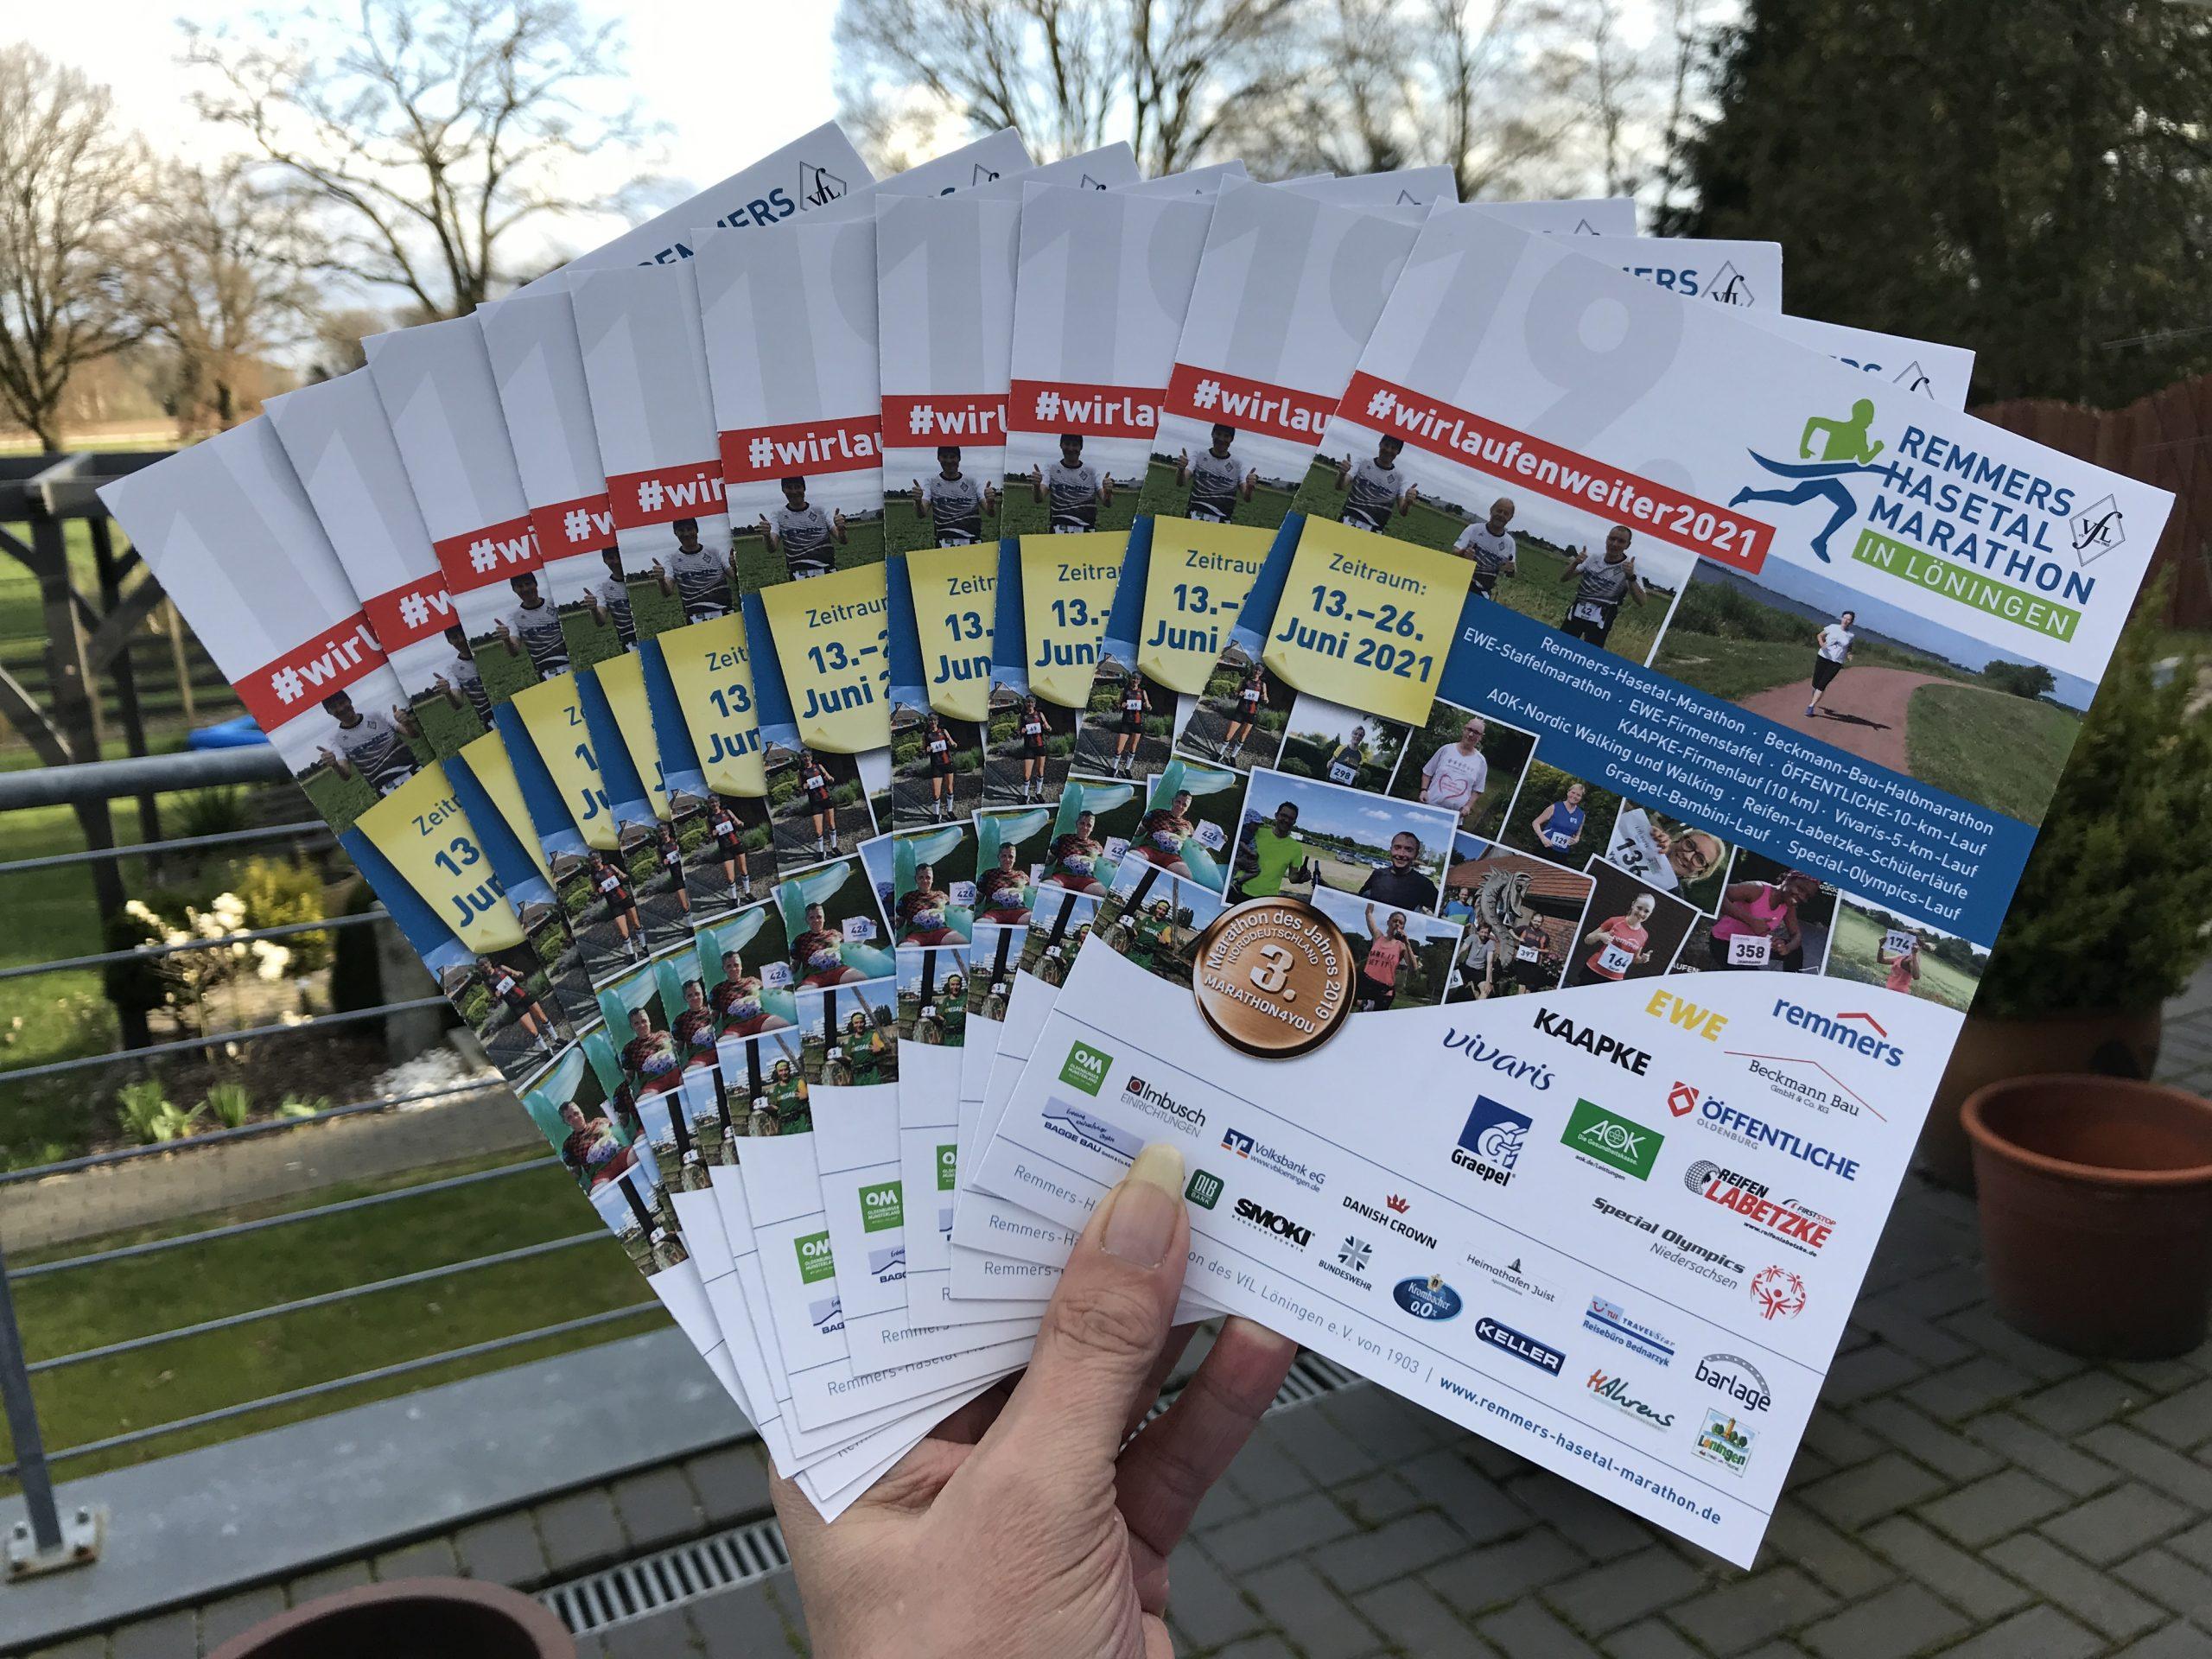 zum Bild:Die neuen Flyer für den virtuellen Lauf 2021. Foto: Remmers-Hasetal-Marathon des VfL Löningen.